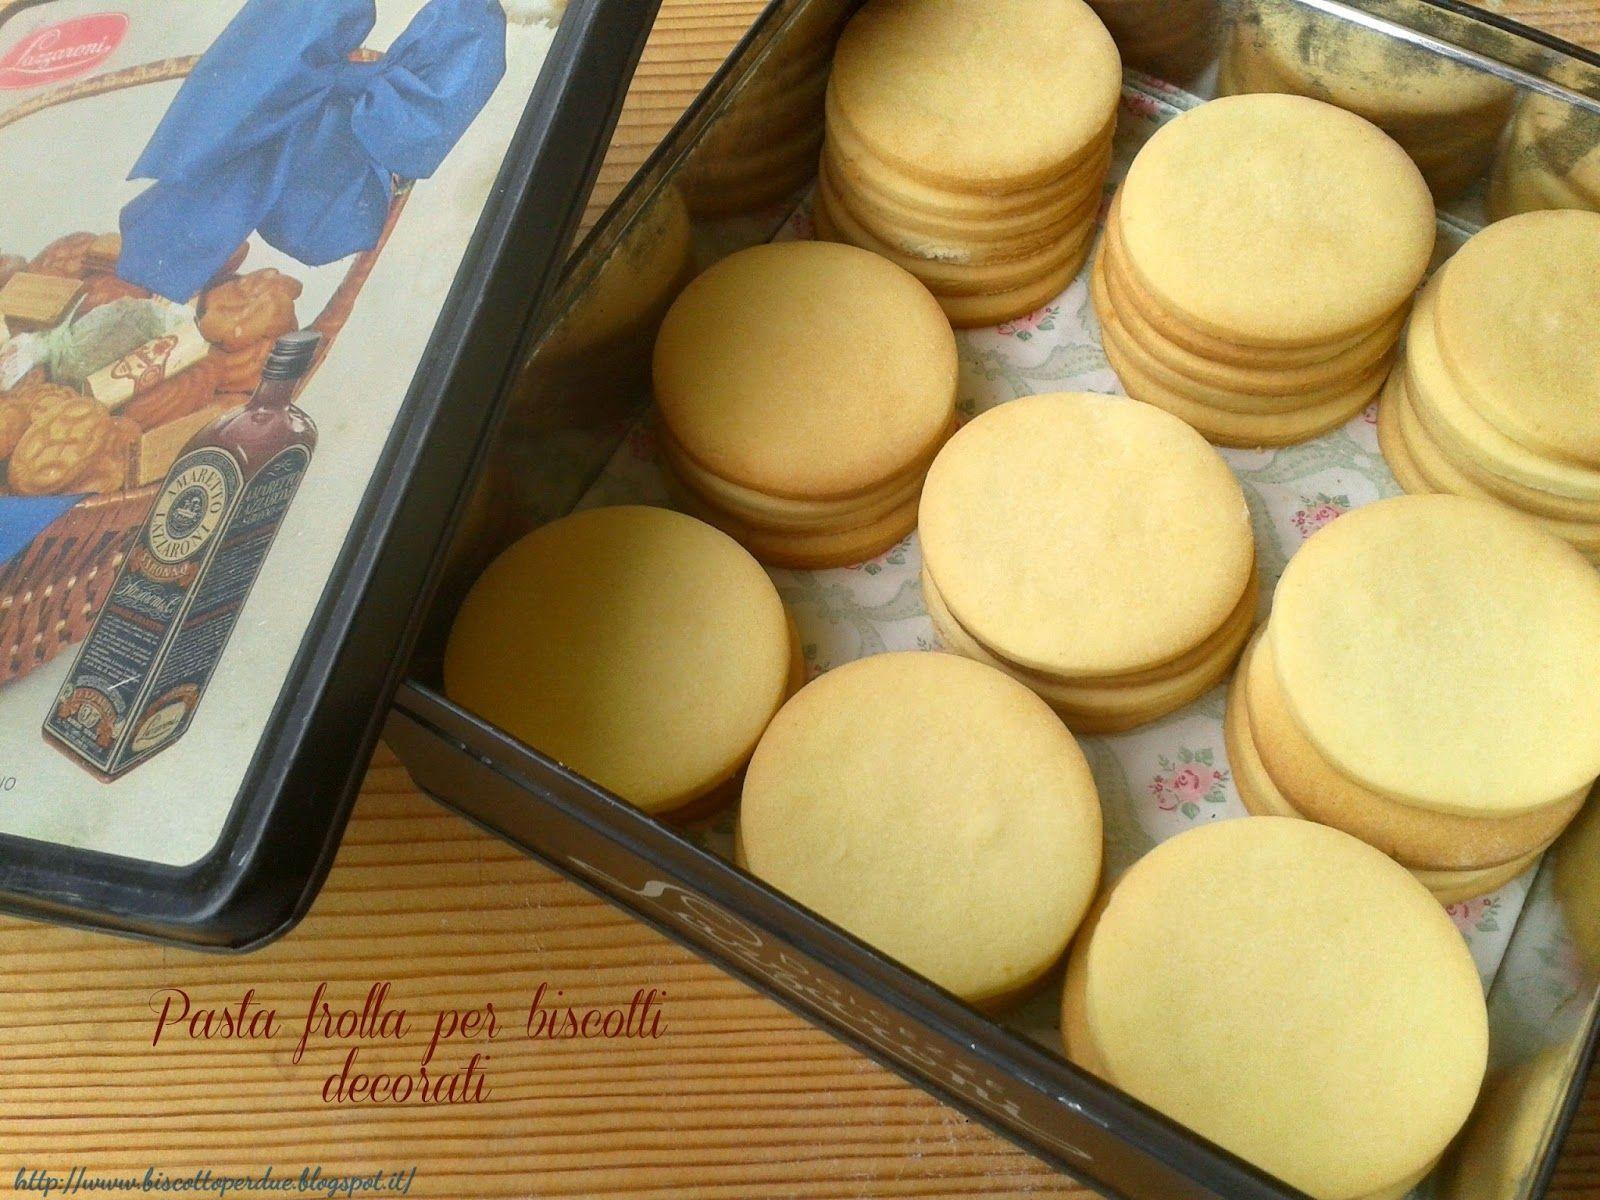 Un biscotto per due: Pasta frolla per biscotti decorati